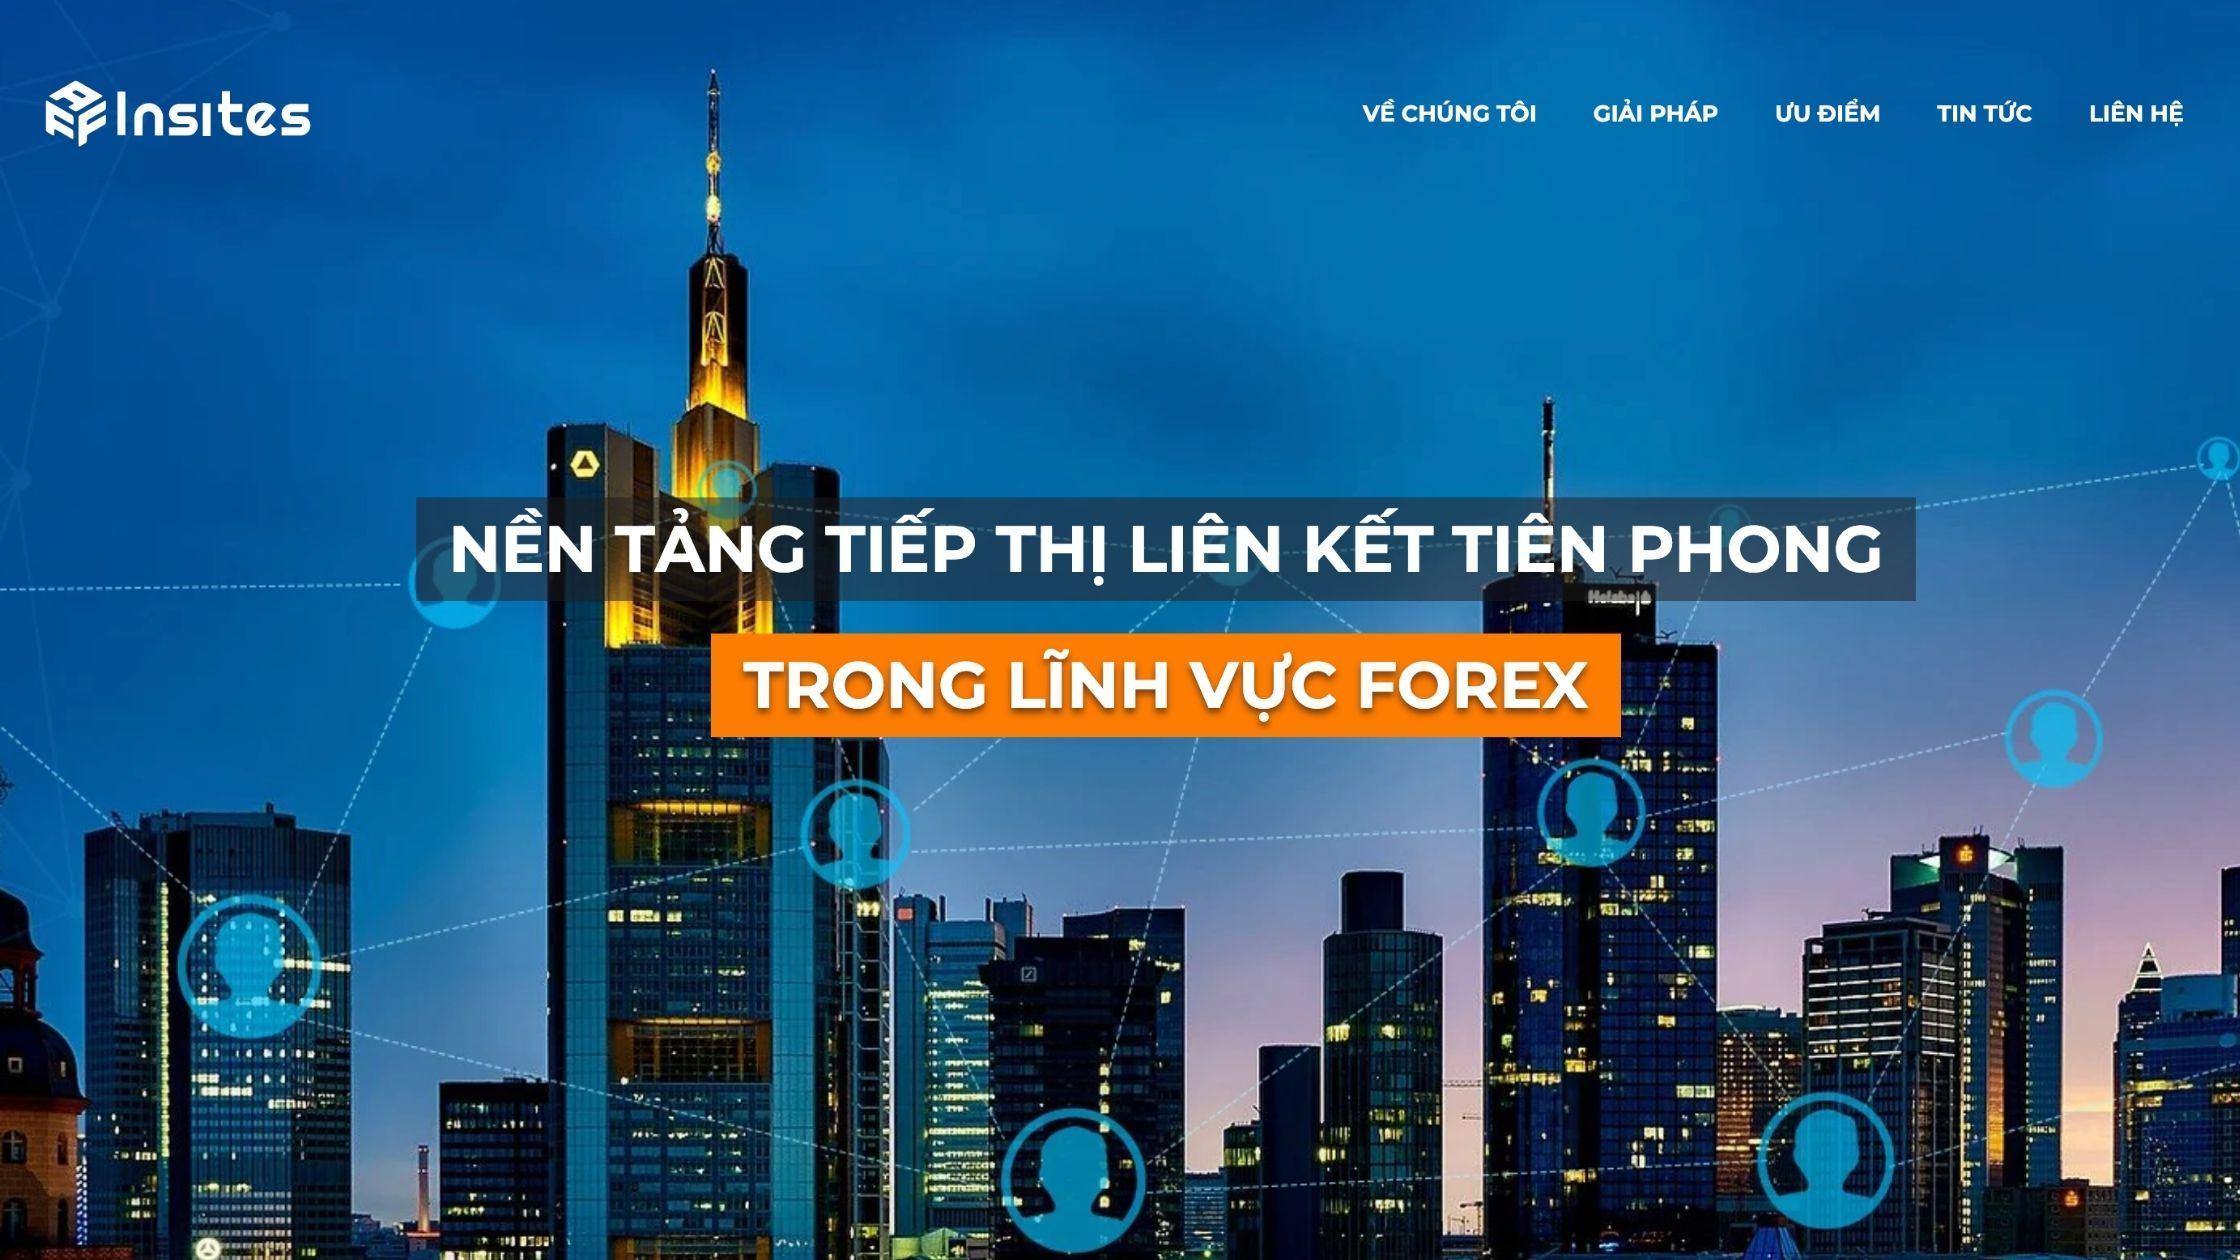 AFFINSITES - Network Affiliate Marketing tiên phòng trong lĩnh vực Forex